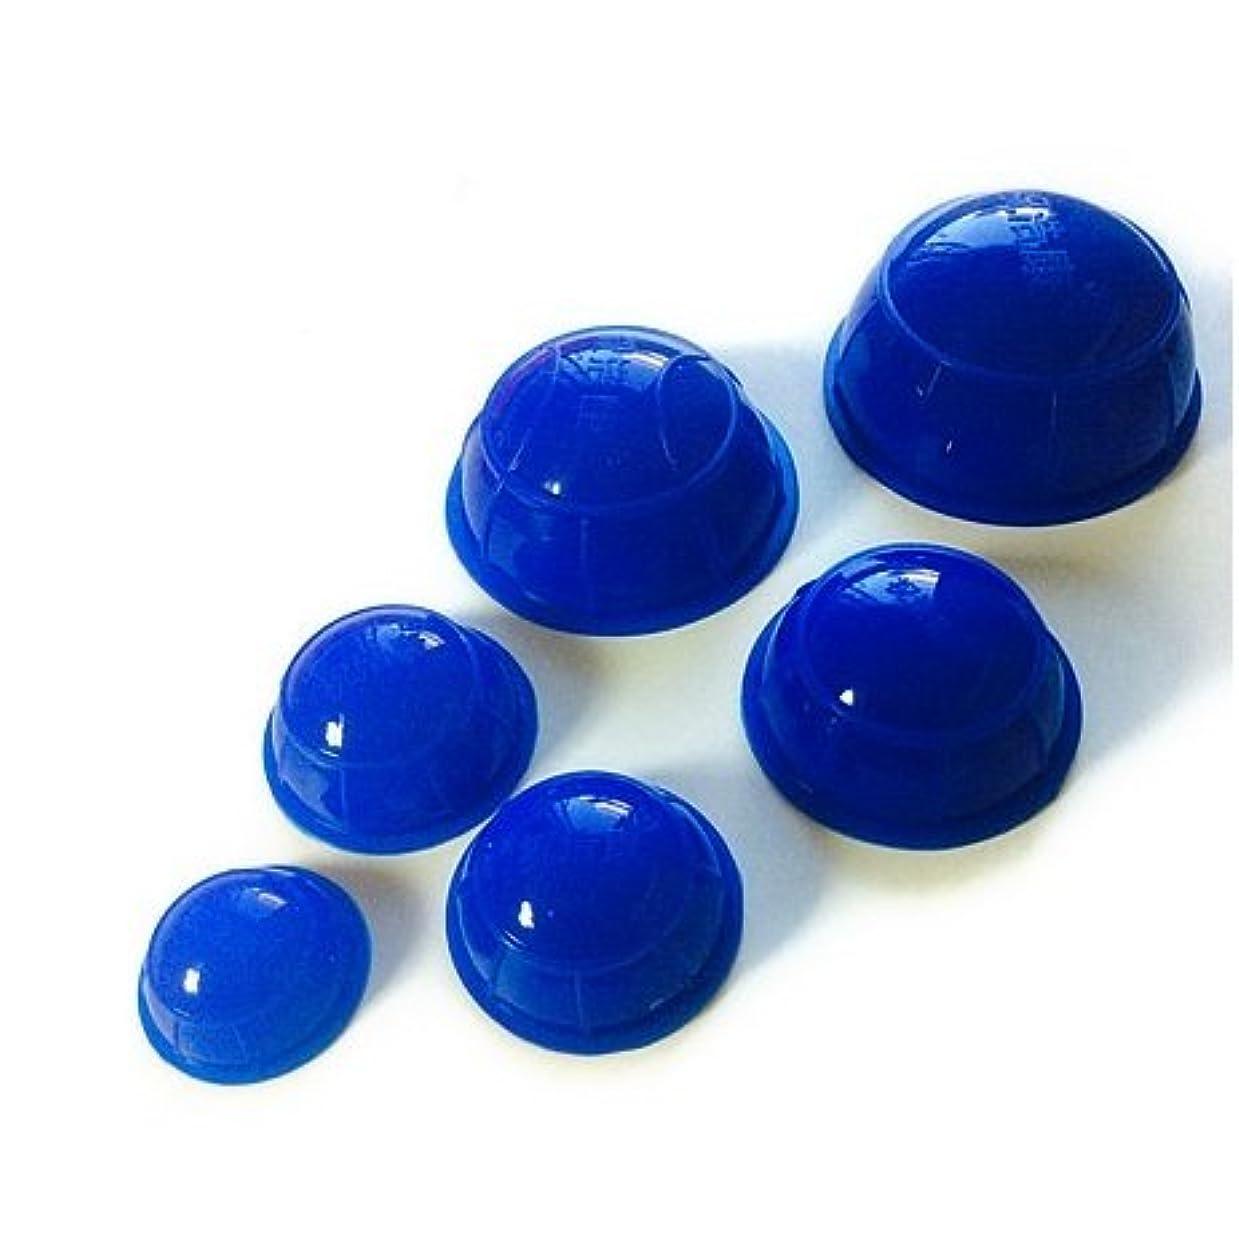 バイバイ懐ホスト簡易 吸い玉6個セット ブルー 大中小5種類の大きさ